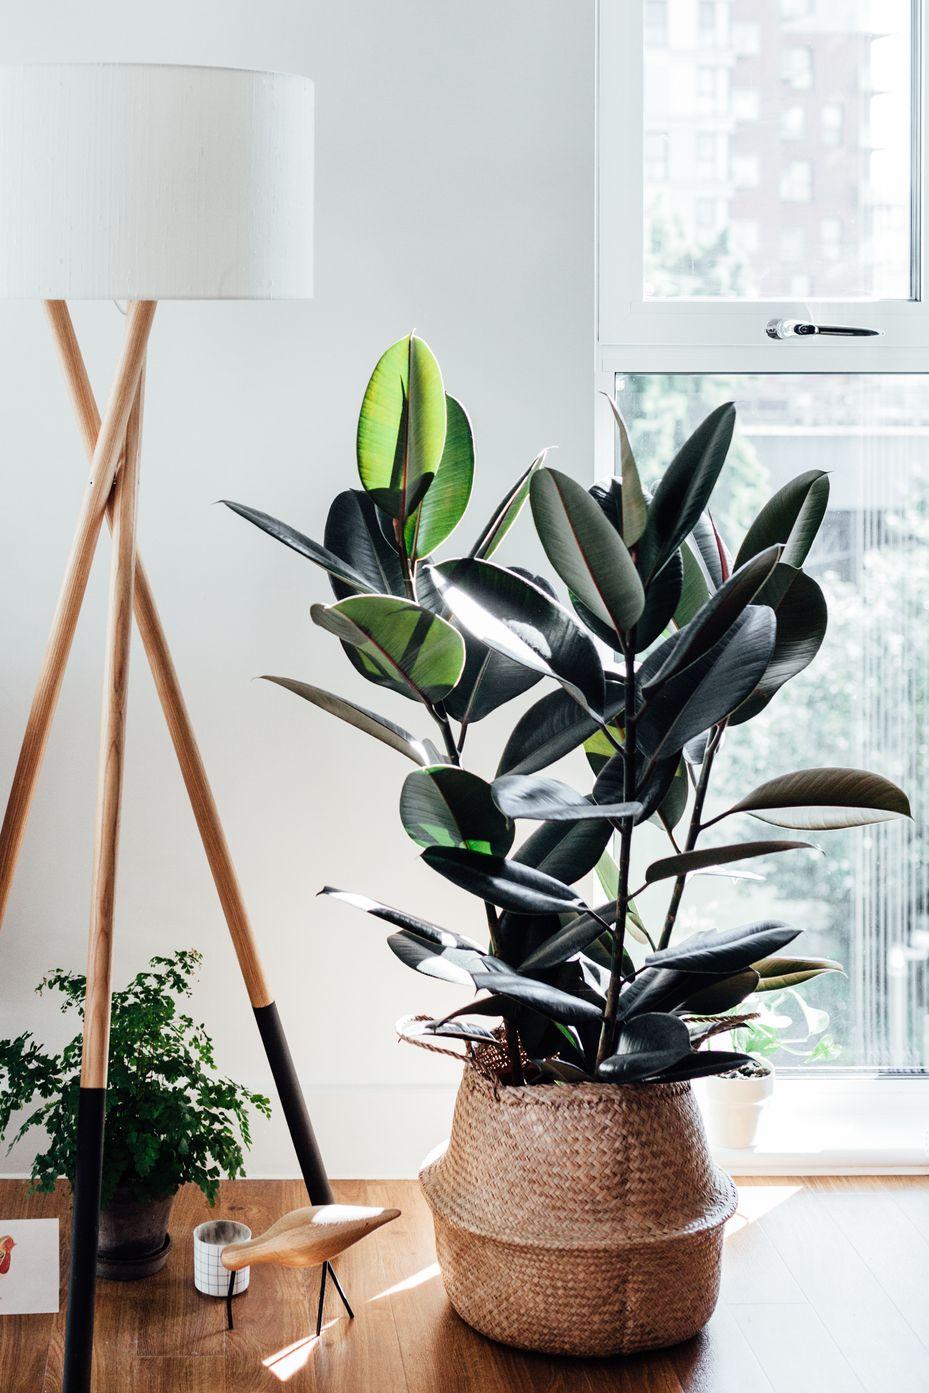 rubber plant tanaman karet beringin karet